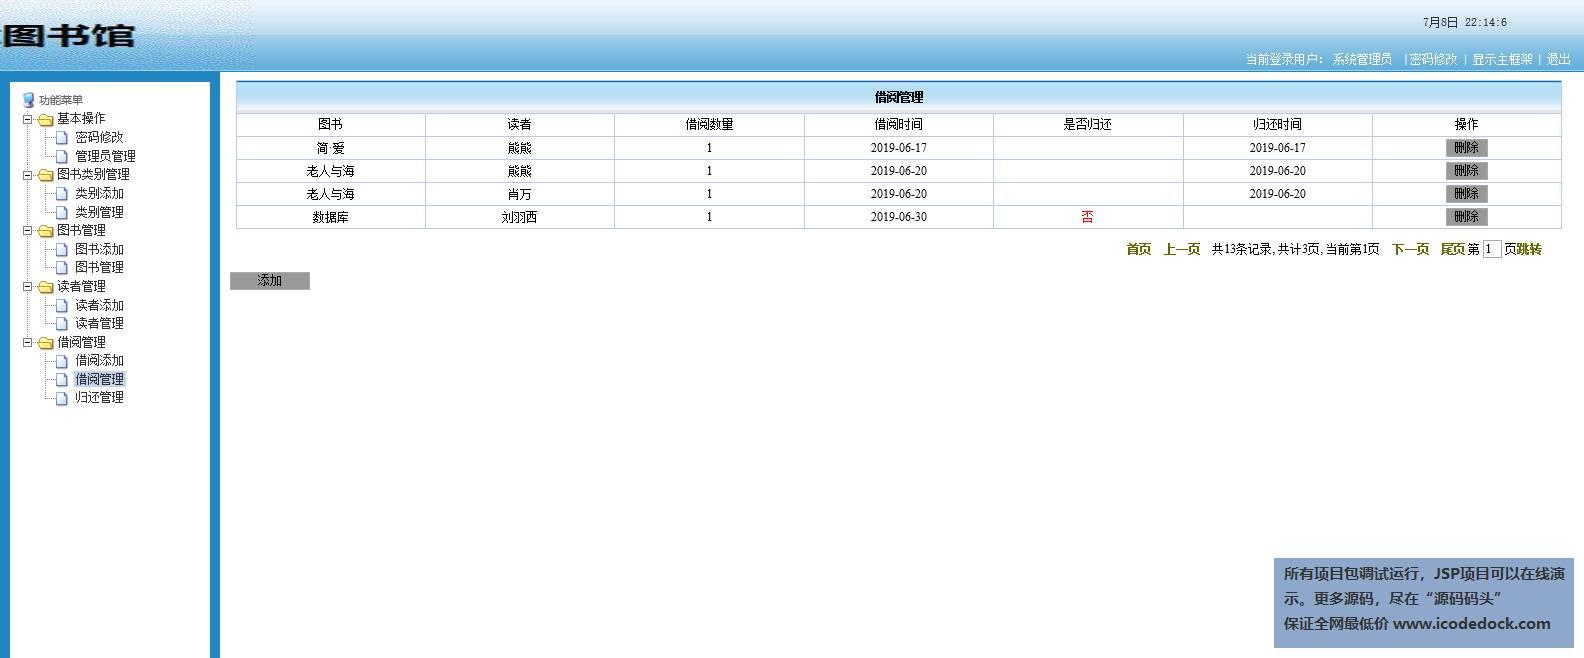 源码码头-JSP图书管理系统-图书借阅管理